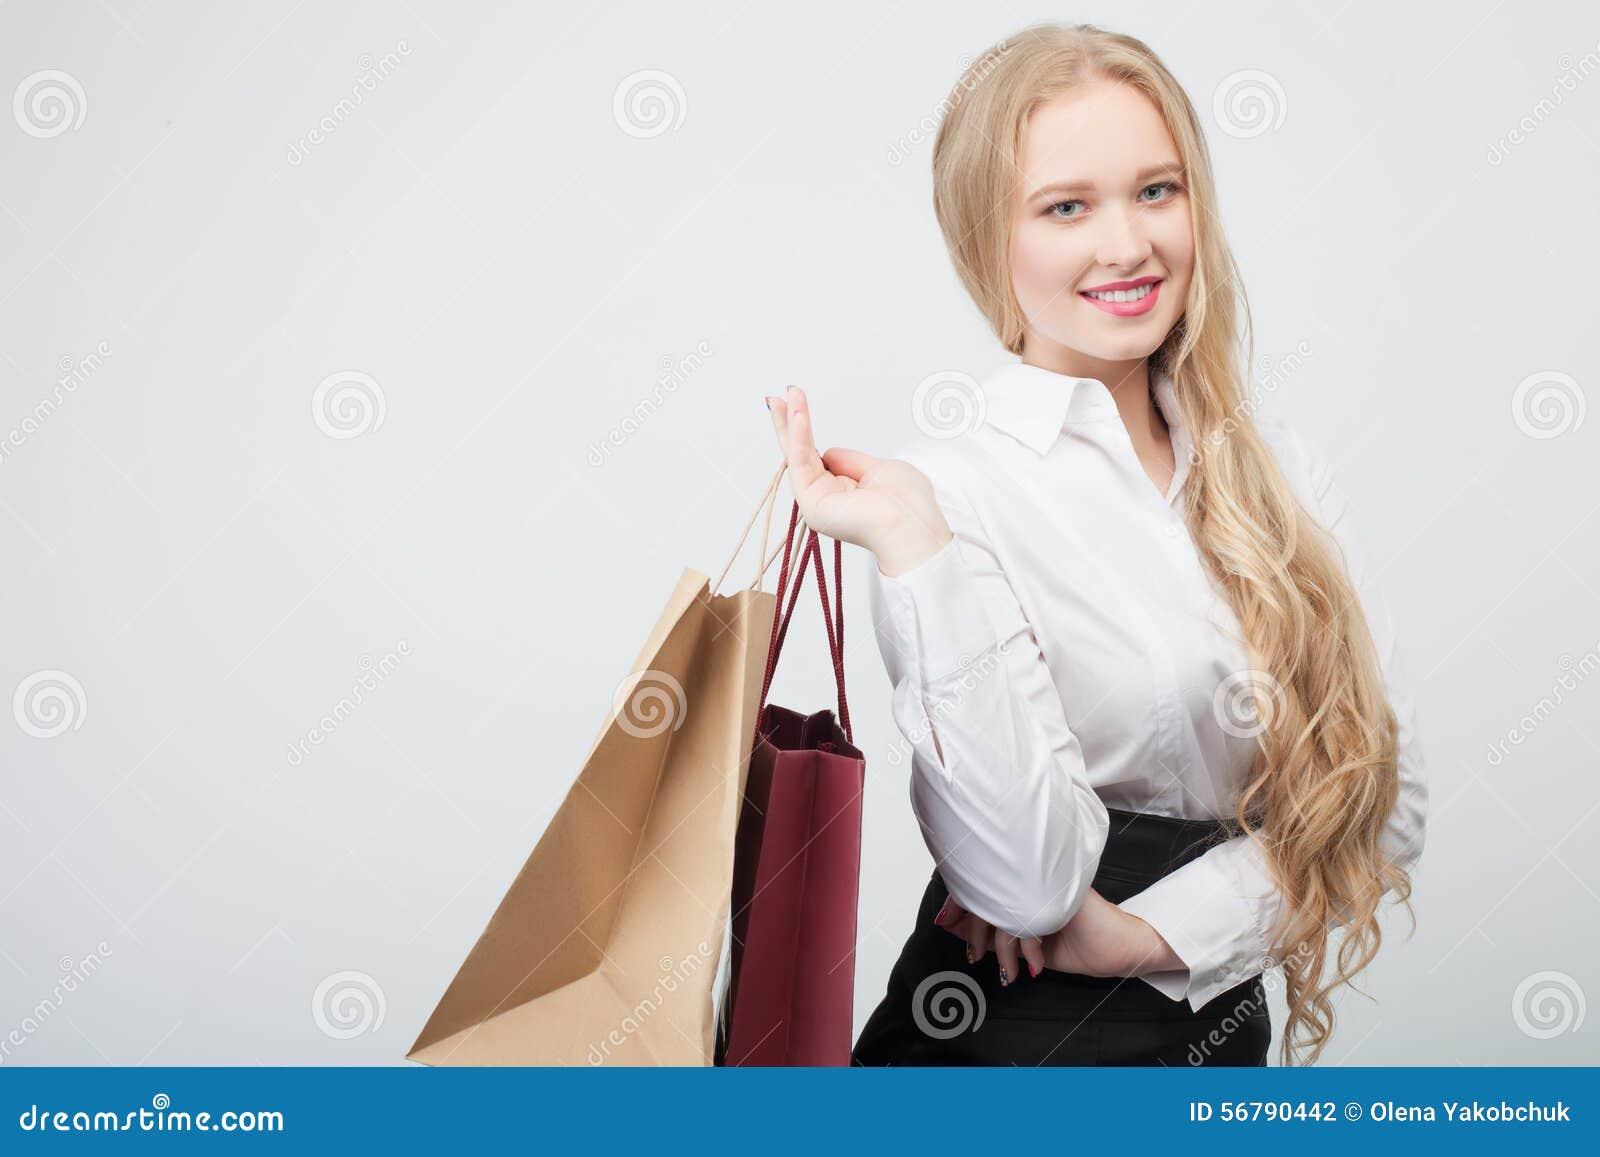 b3d88e21b3 La muchacha rubia atractiva es envío que va Ella está mostrando los  paquetes grandes La señora está mirando la cámara con felicidad y la  sonrisa Aislado en ...